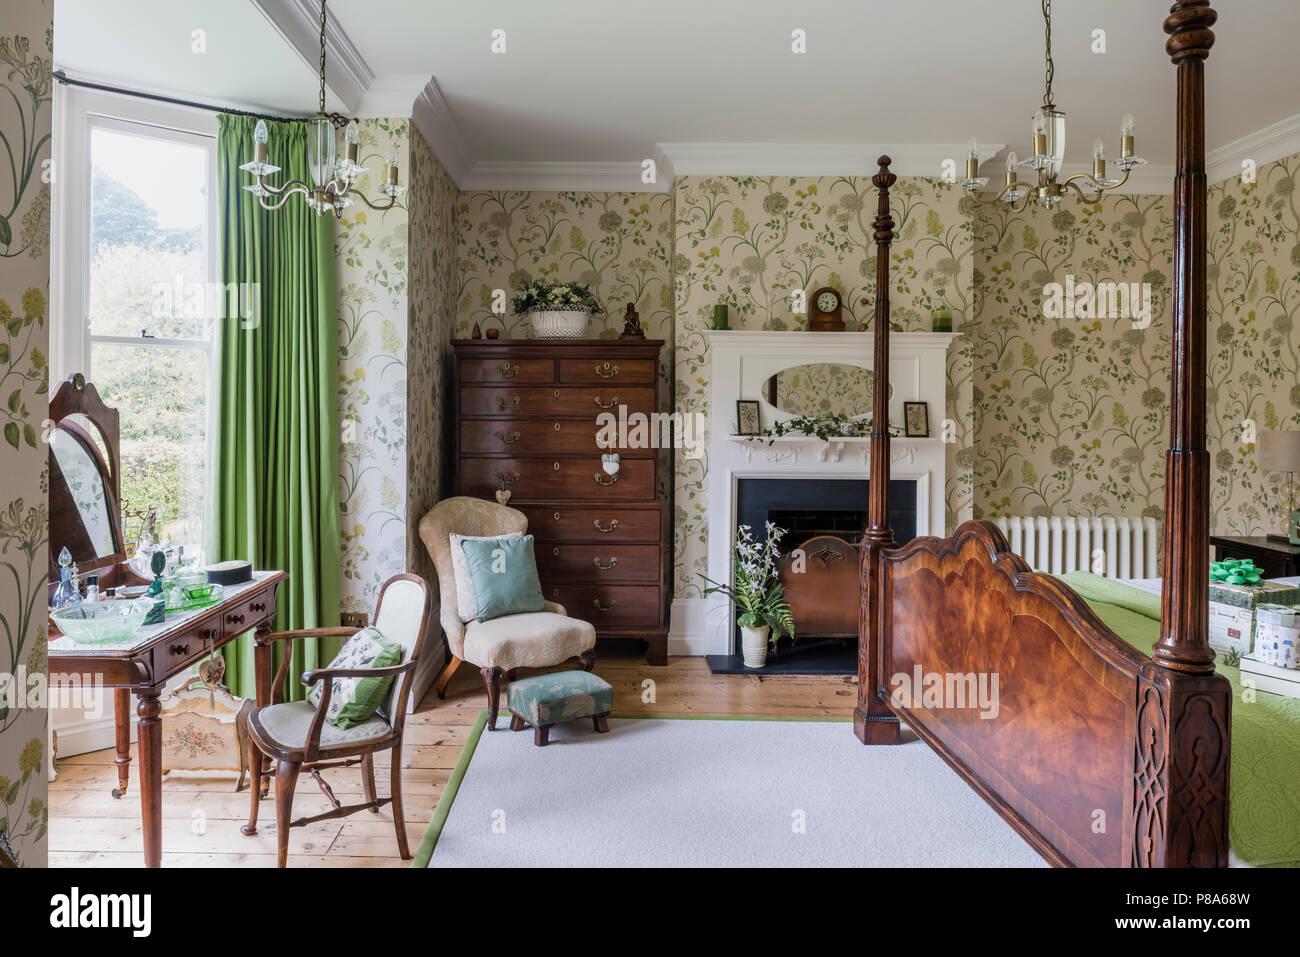 Camera Matrimoniale Stile Antico.In Legno Antico Letto A Baldacchino In Stile Regency Con Camera Da